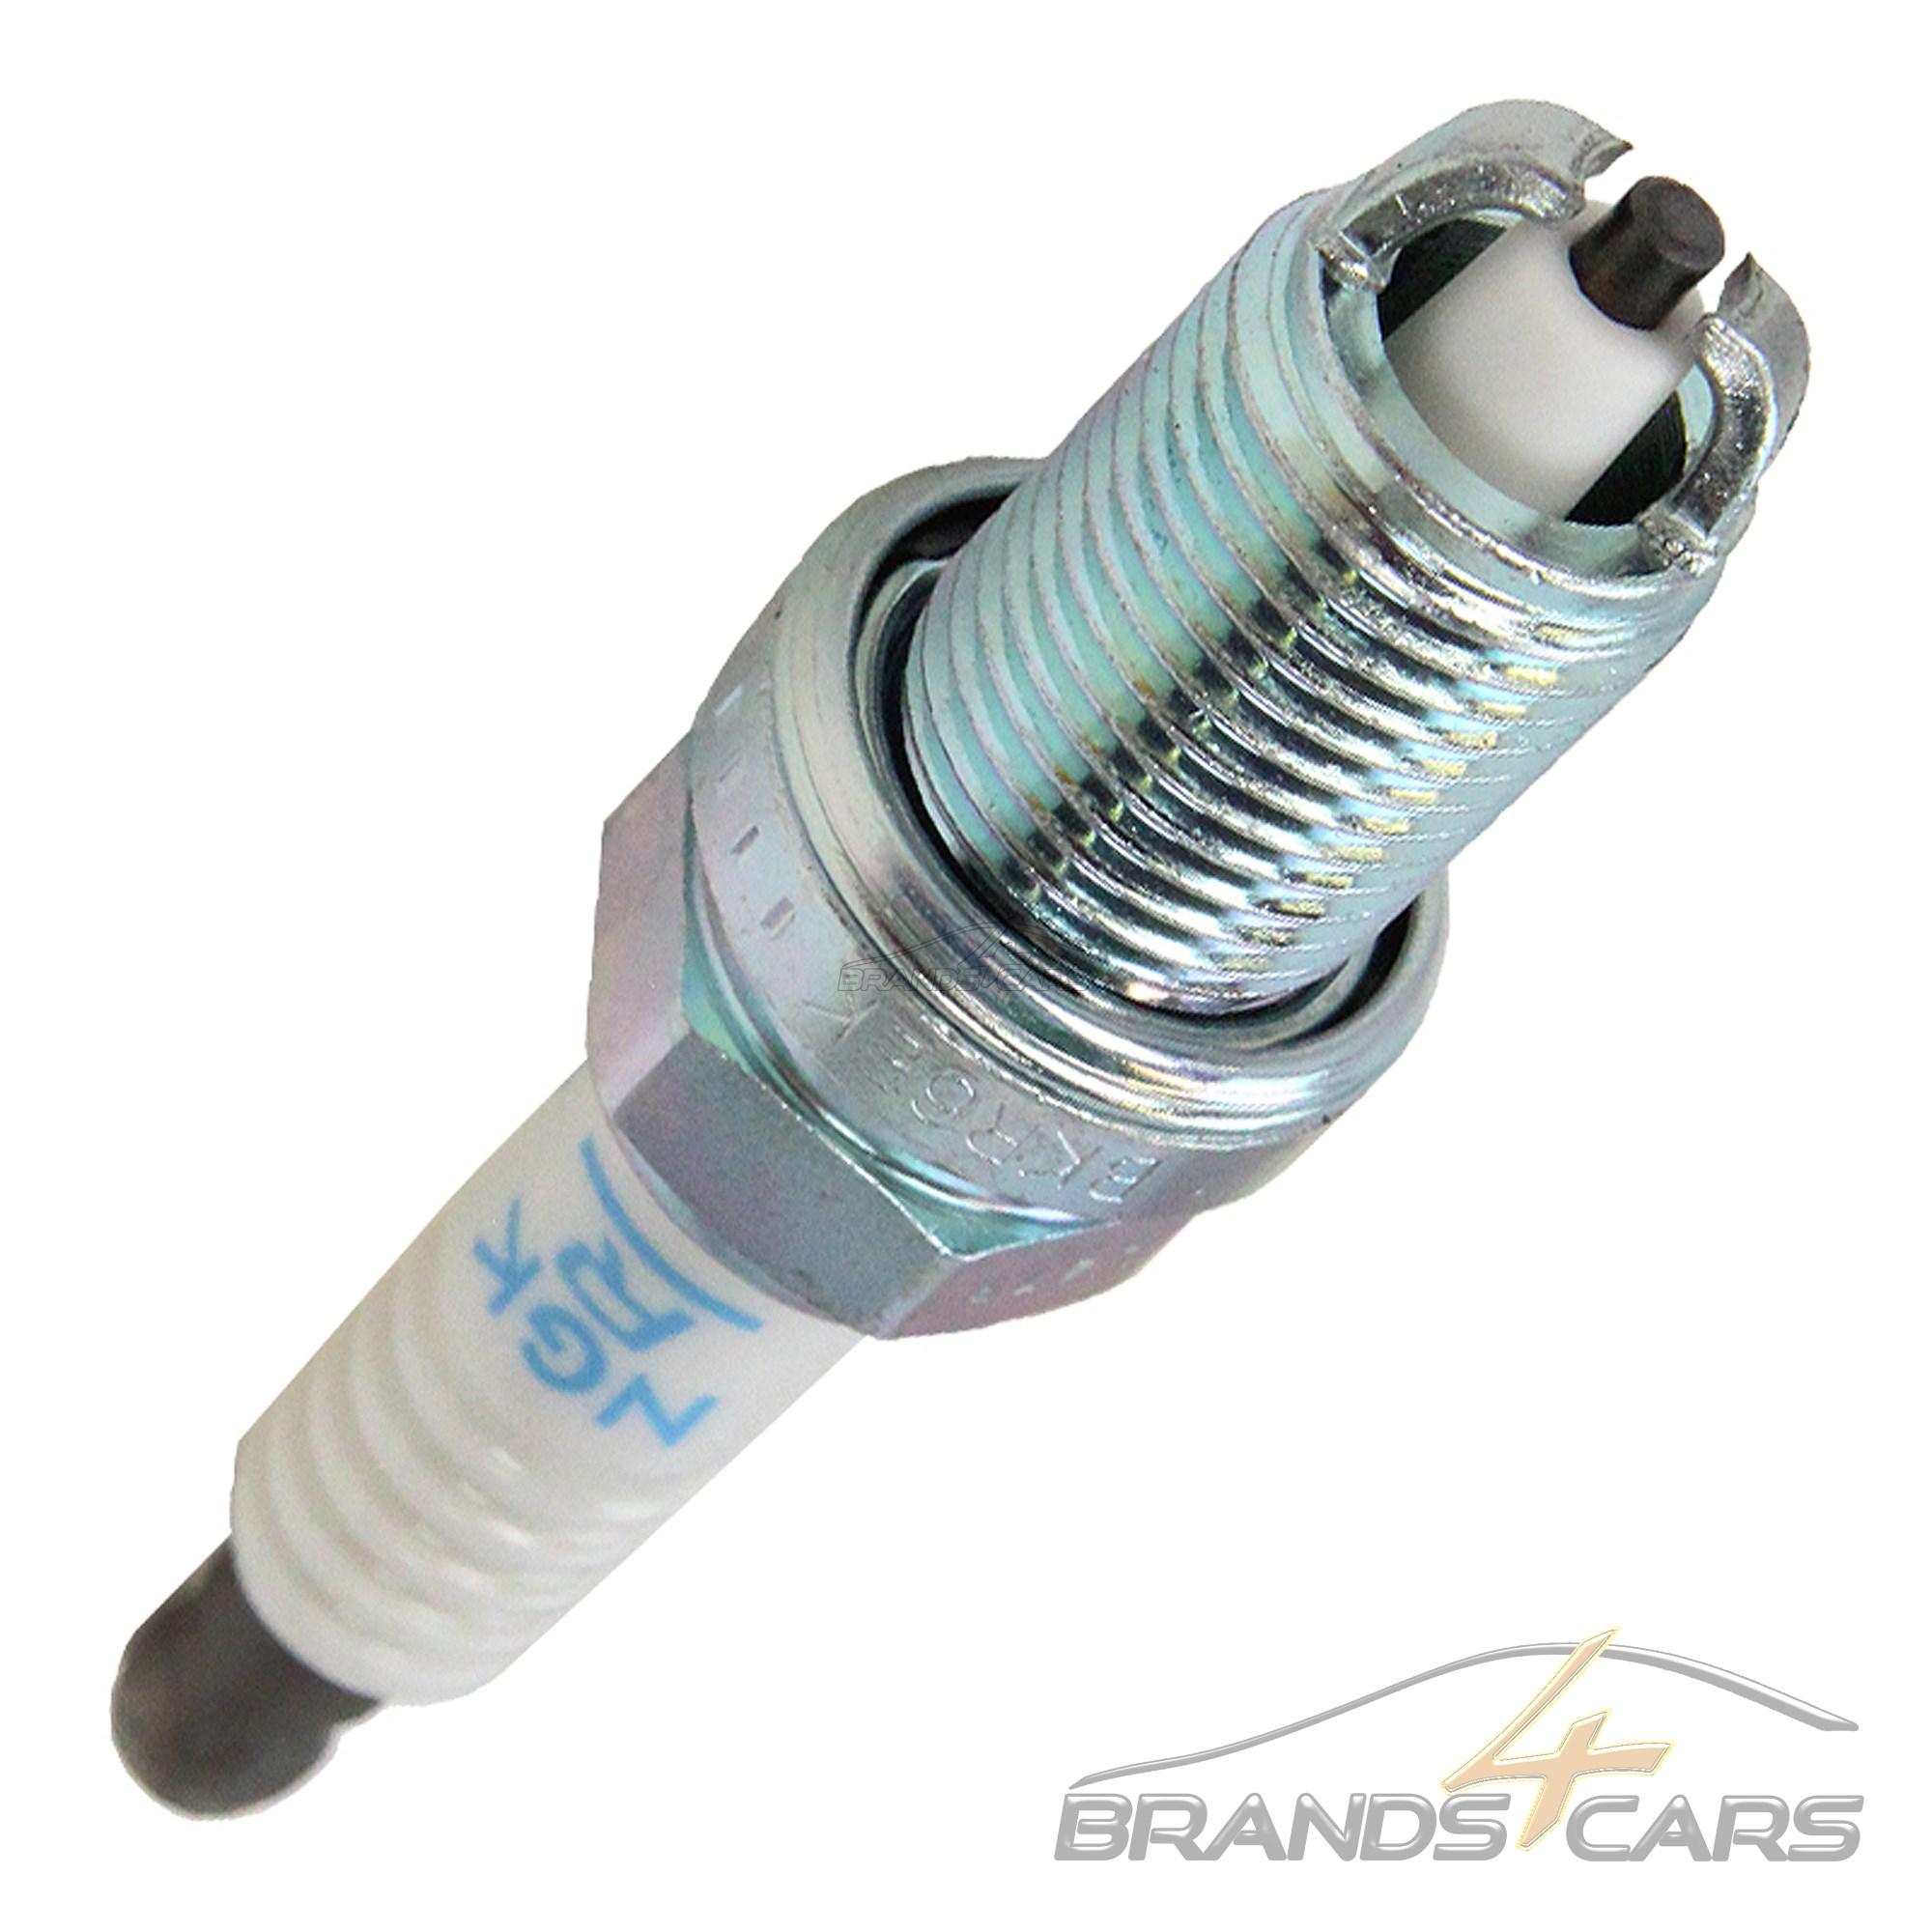 hi//low beam faisceau de câbles T1 beetle 60-141971907 Karmann ghia oeillet